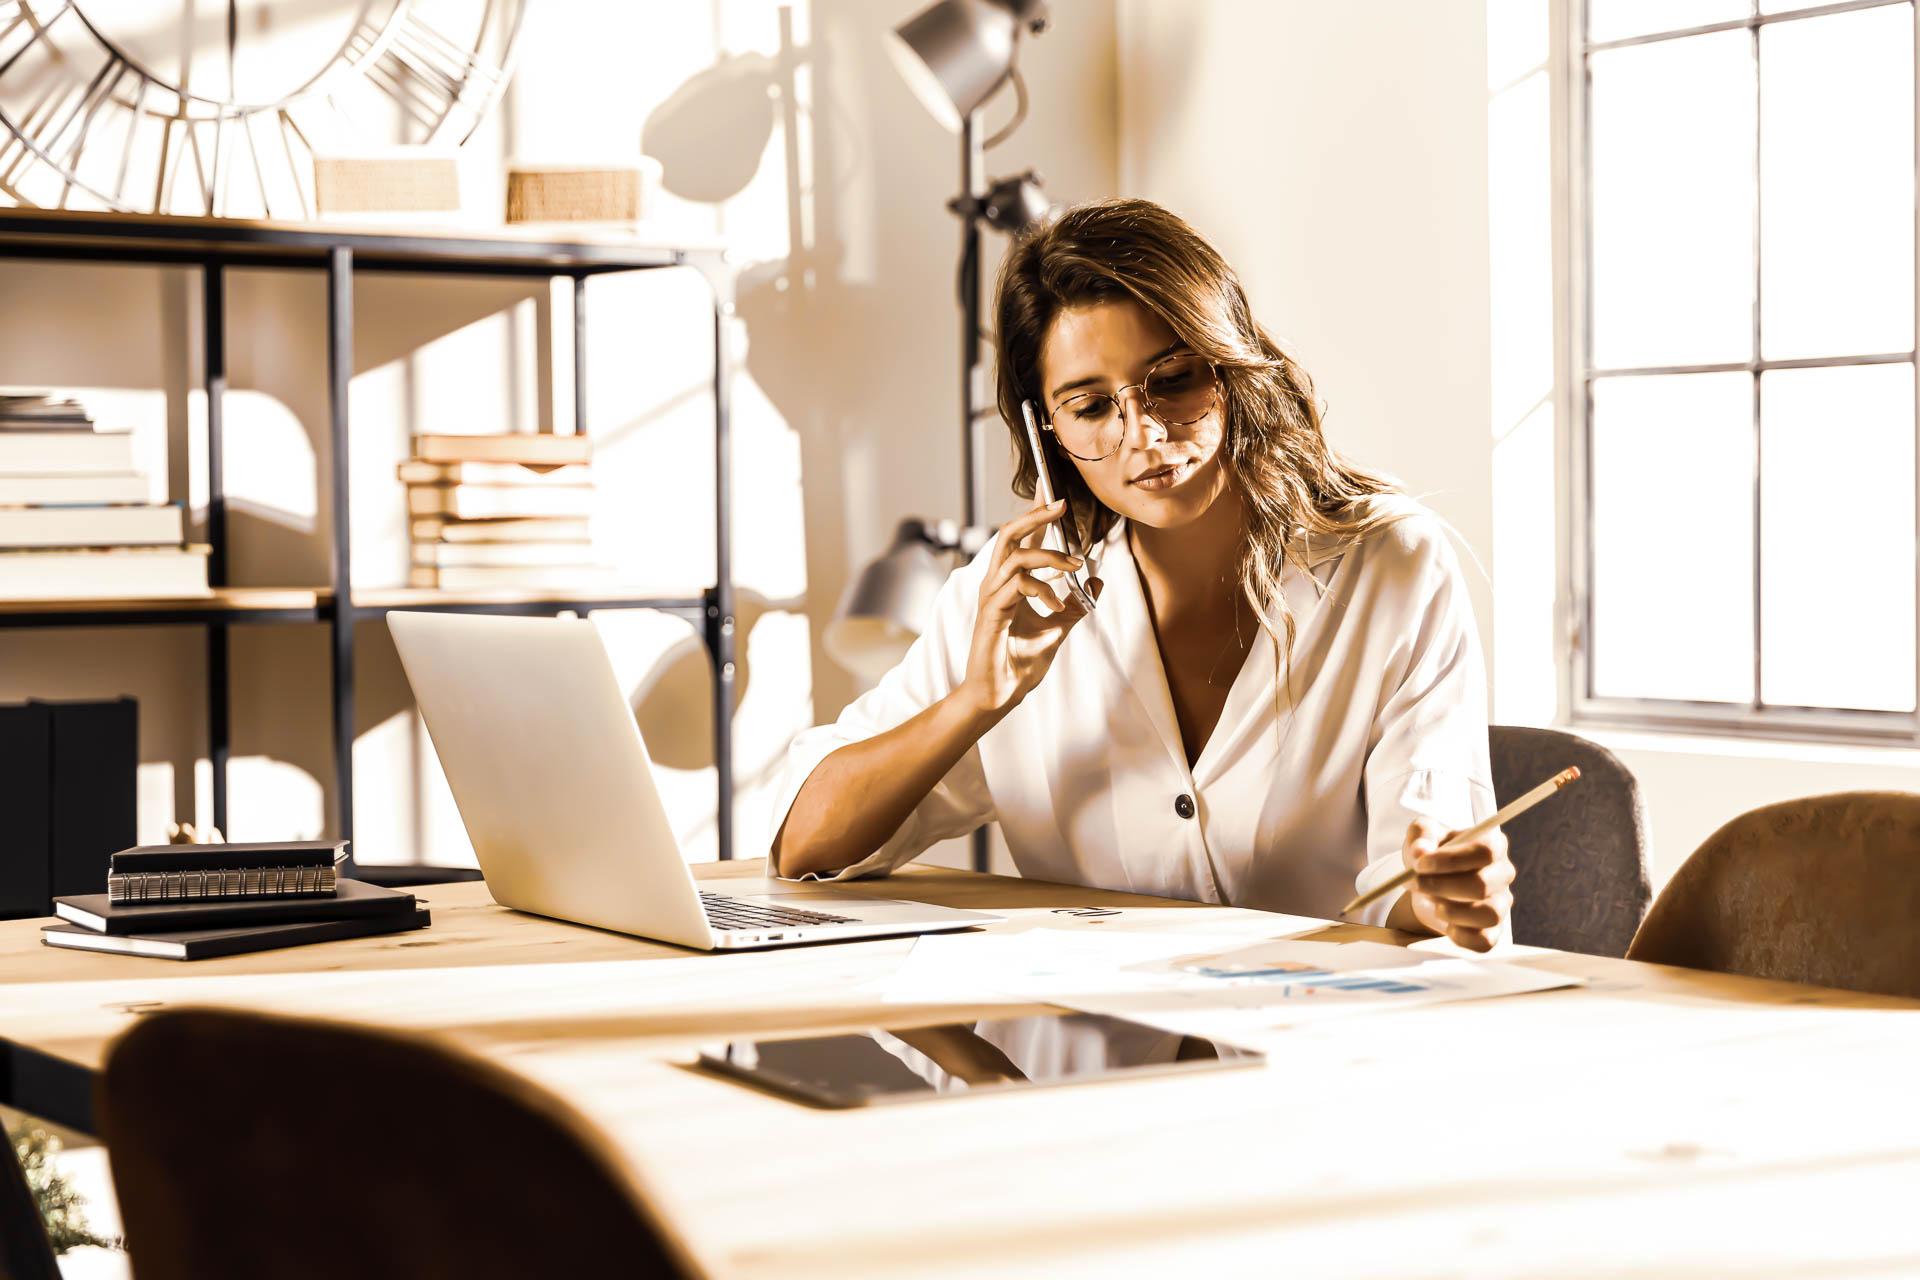 femme au téléphone pour représenter le pôle commercial d'i-media, agence digitale